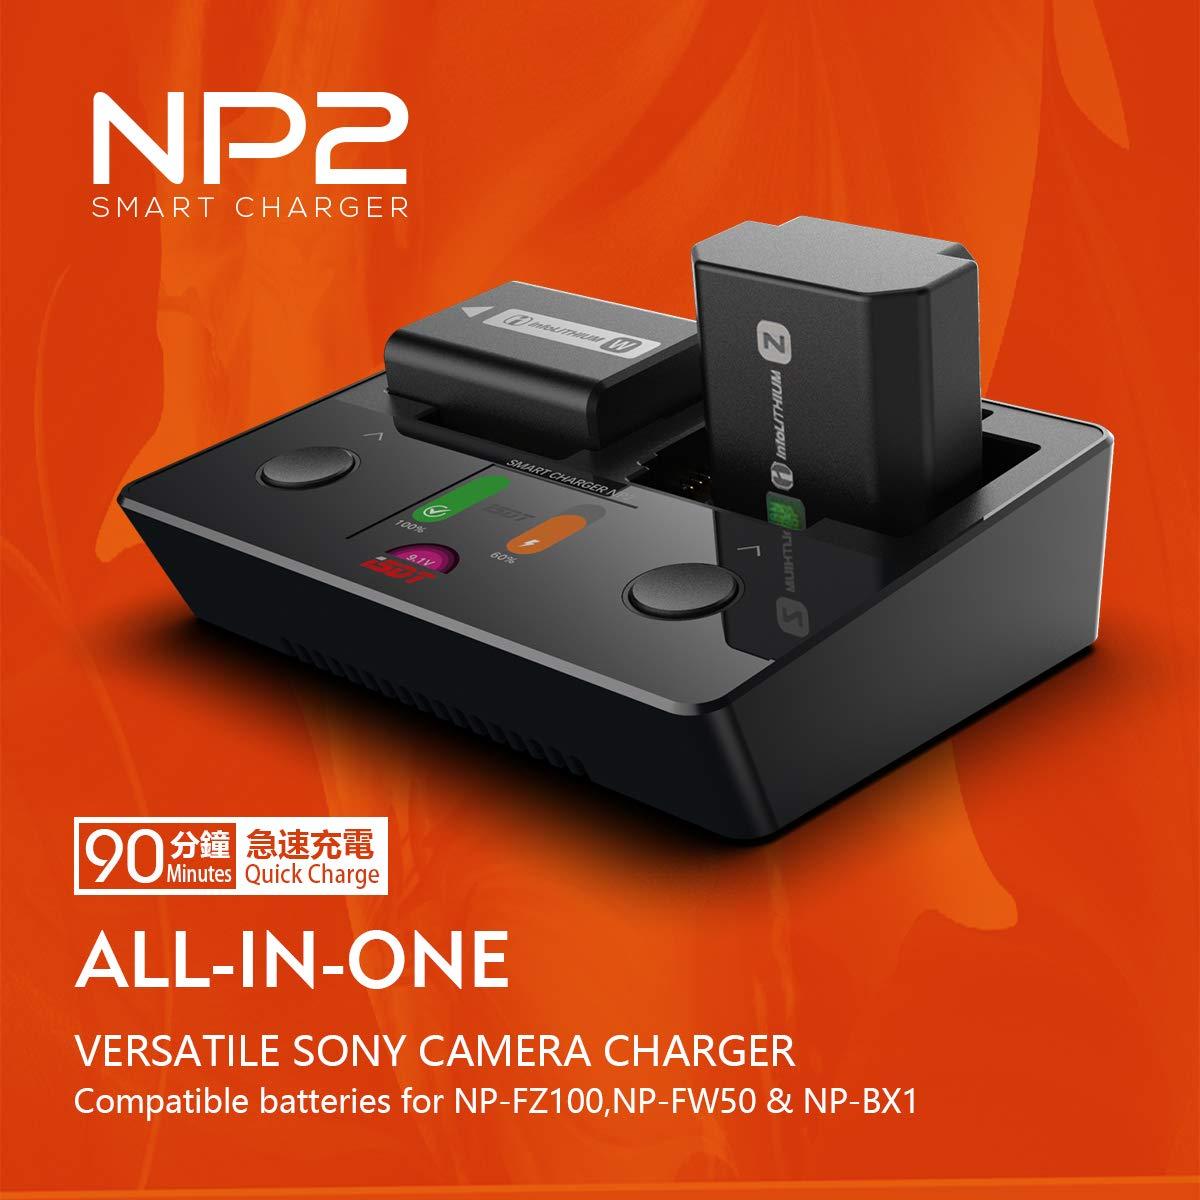 Amazon.com: ISDT NP-BX1 - Cargador de batería para cámara ...